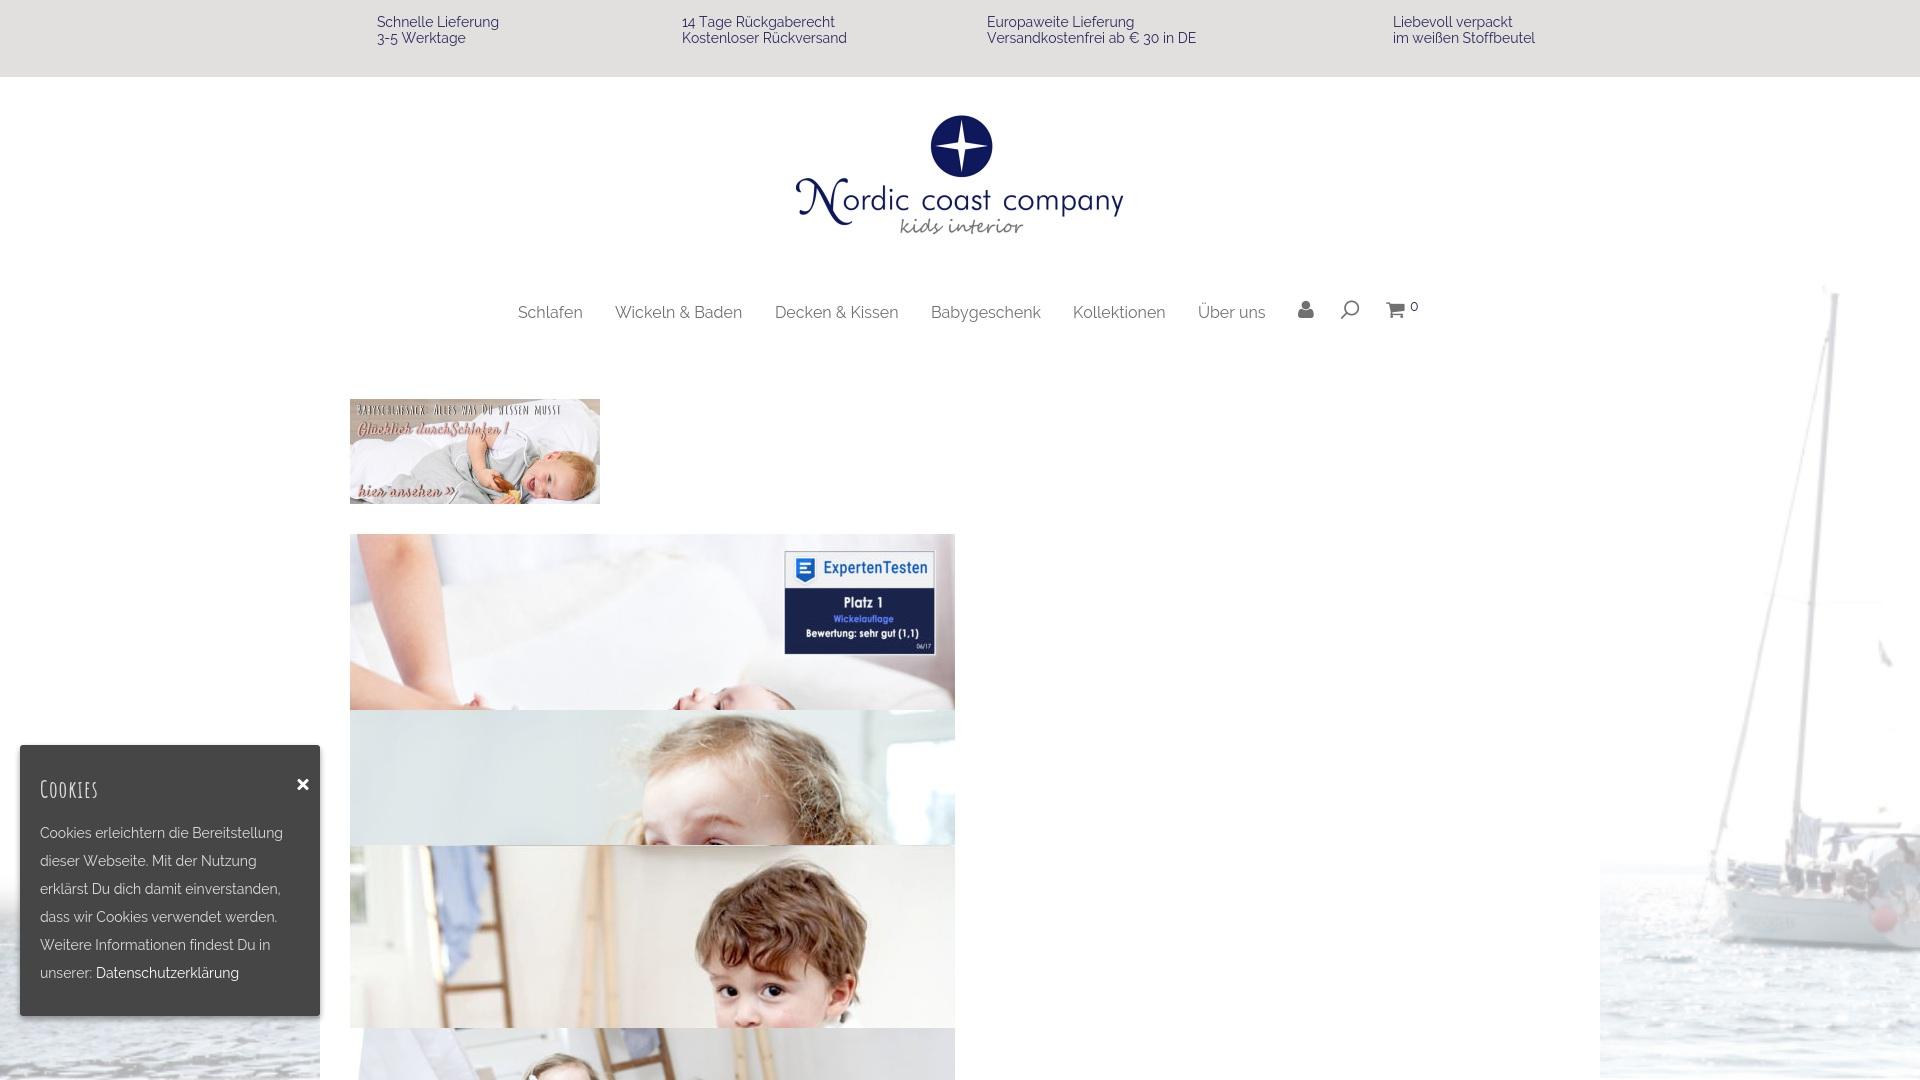 Gutschein für Nordiccoastcompany: Rabatte für  Nordiccoastcompany sichern